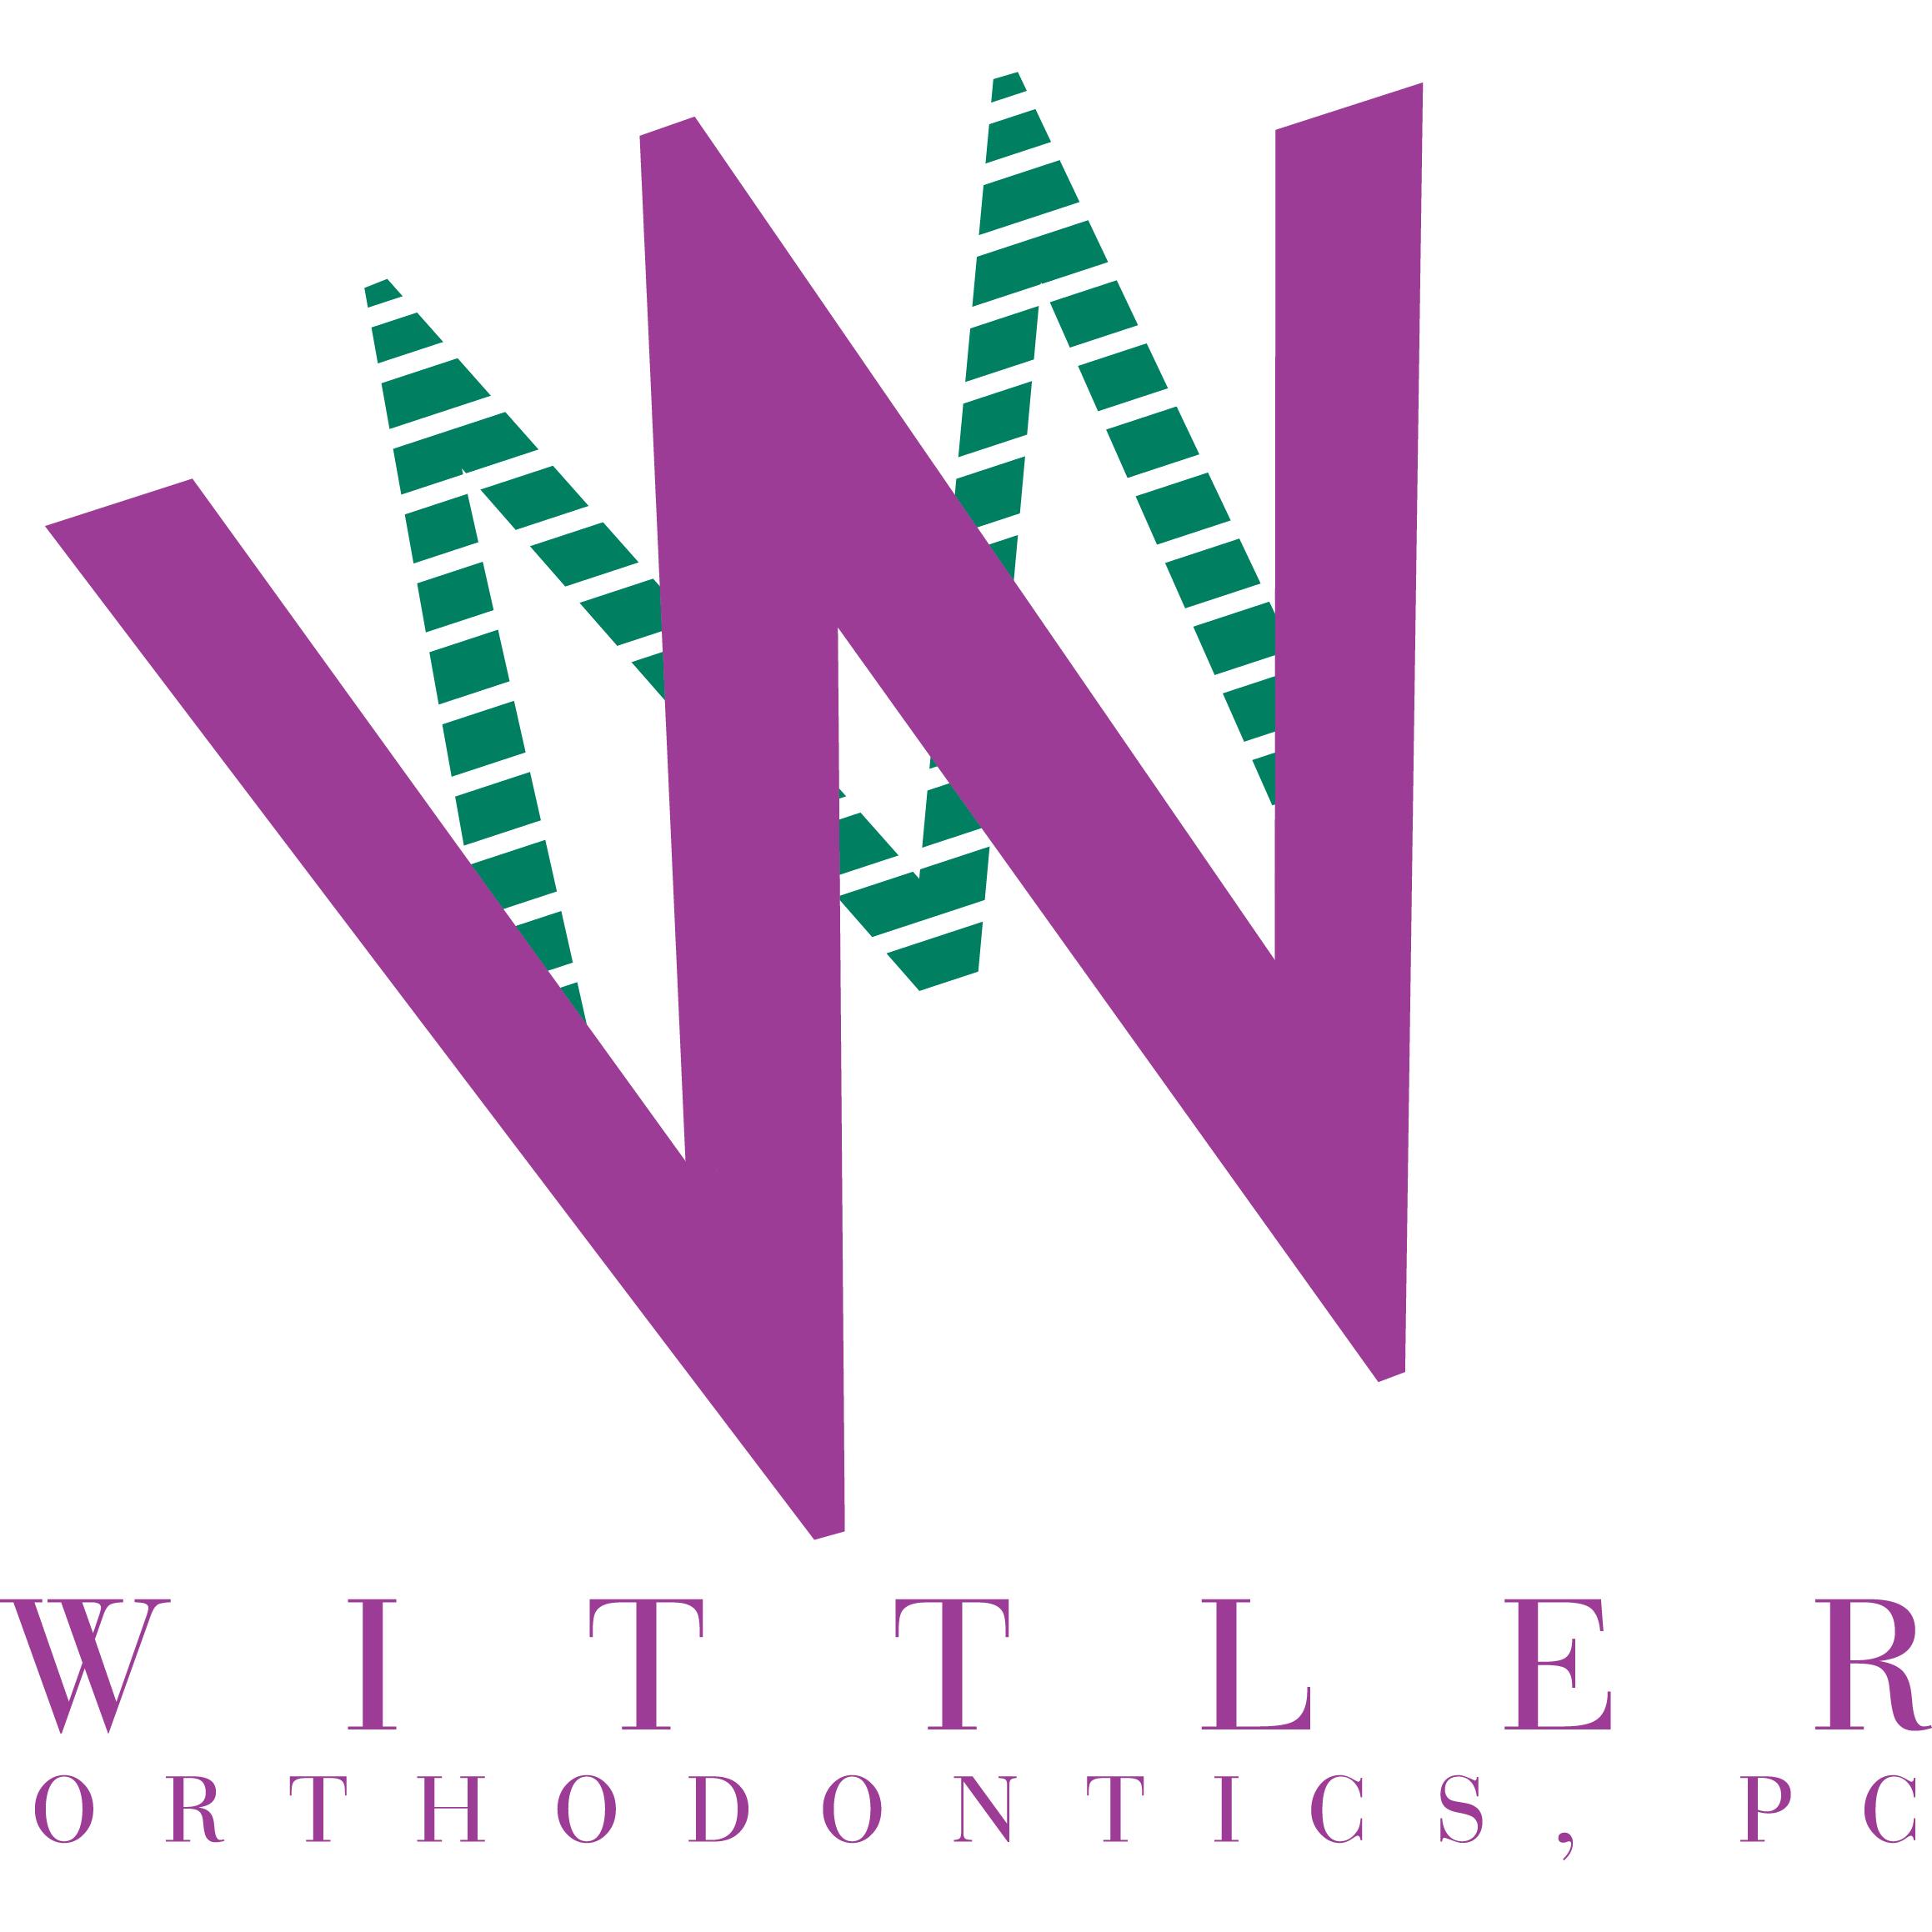 Wittler Orthodontics